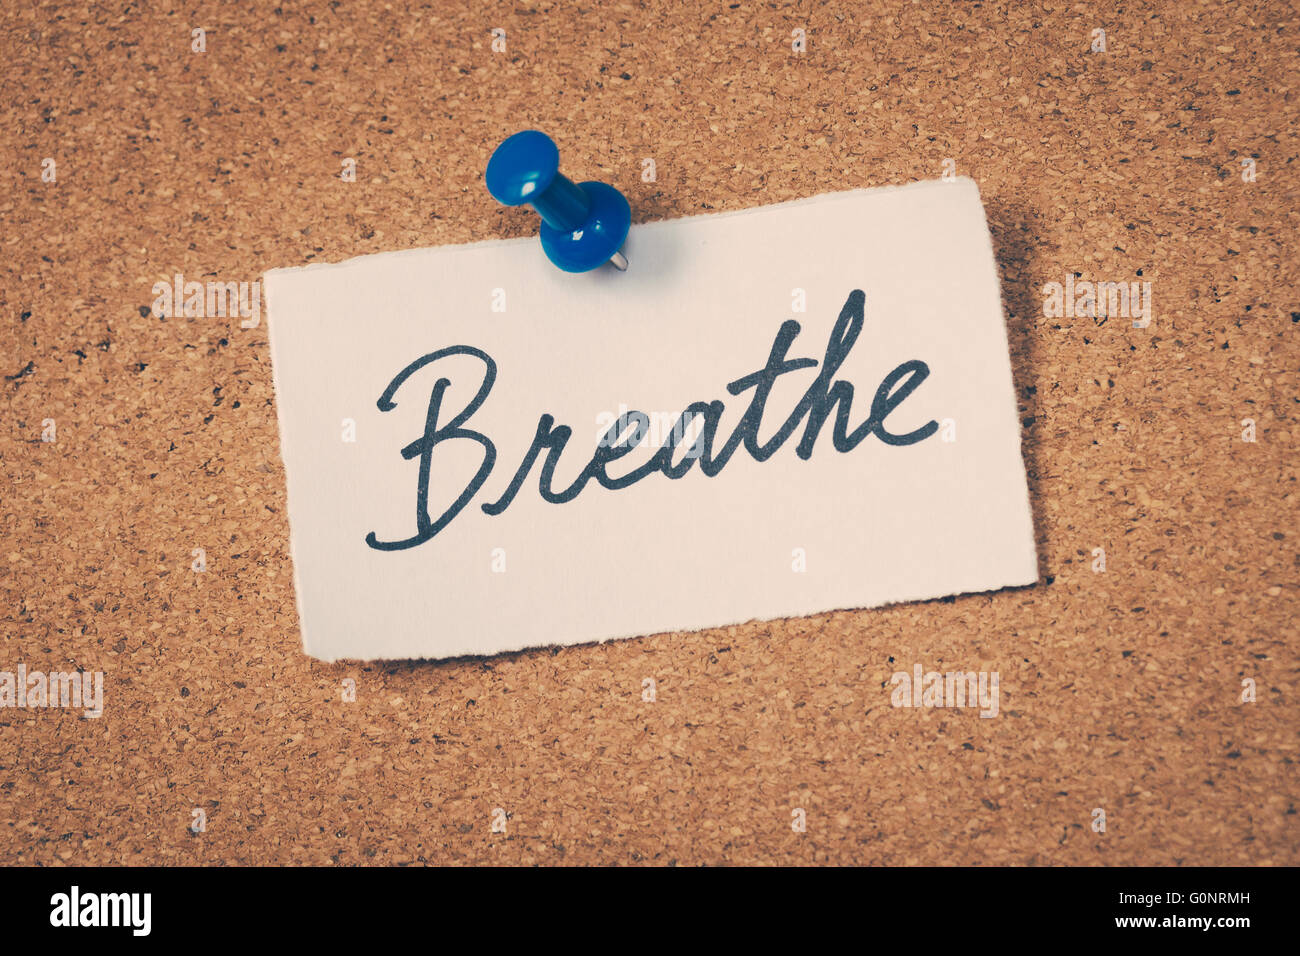 Breathe - Stock Image